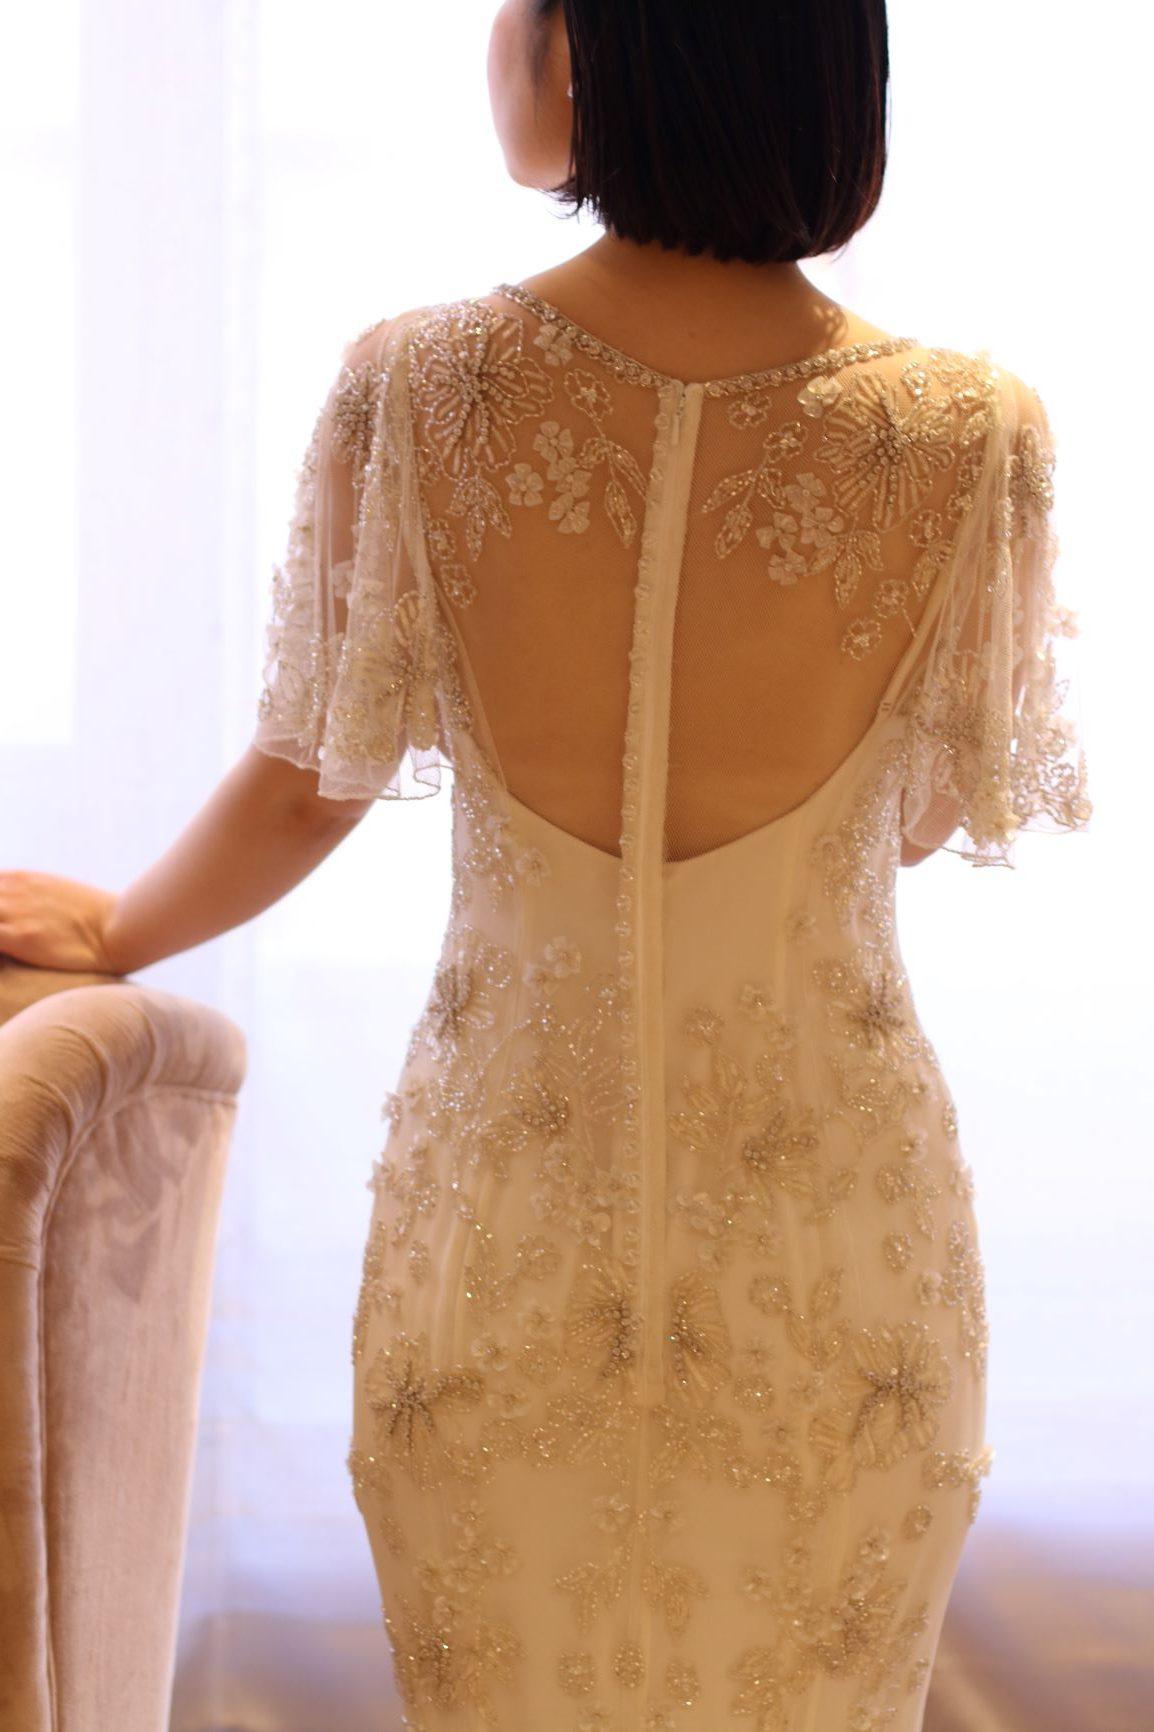 大きく空いたお背中に浮かび上がるようなフラワーモチーフのビーディングが、ゲストを魅了する圧巻のバックスタイルを印象付けるドレス前撮りや披露宴の衣装をお探しの方へご紹介したい袖付きのワンピース風ドレス